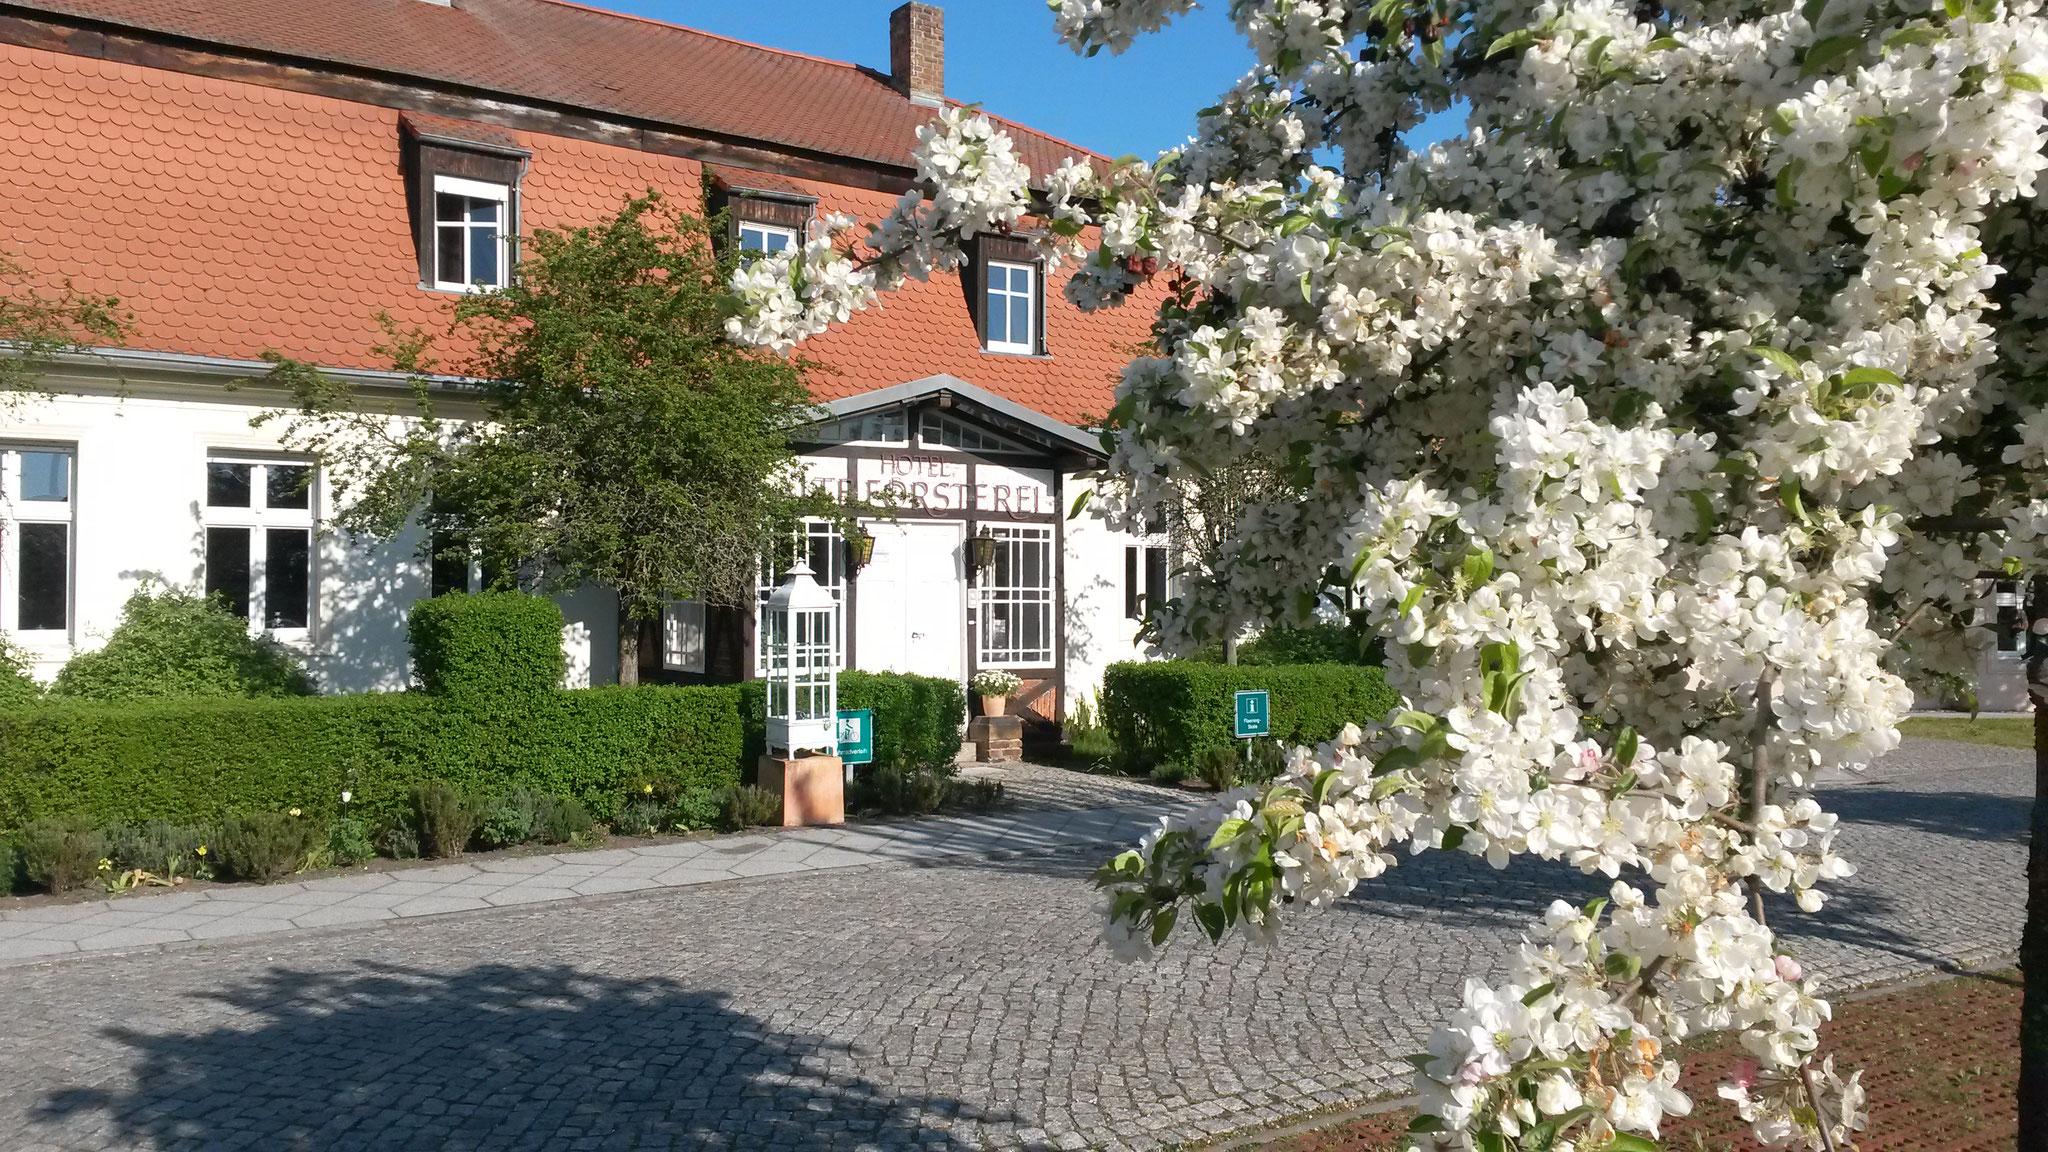 Hotel Alte Försterei Kloster Zinna - Im Frühling ist Spargelzeit!